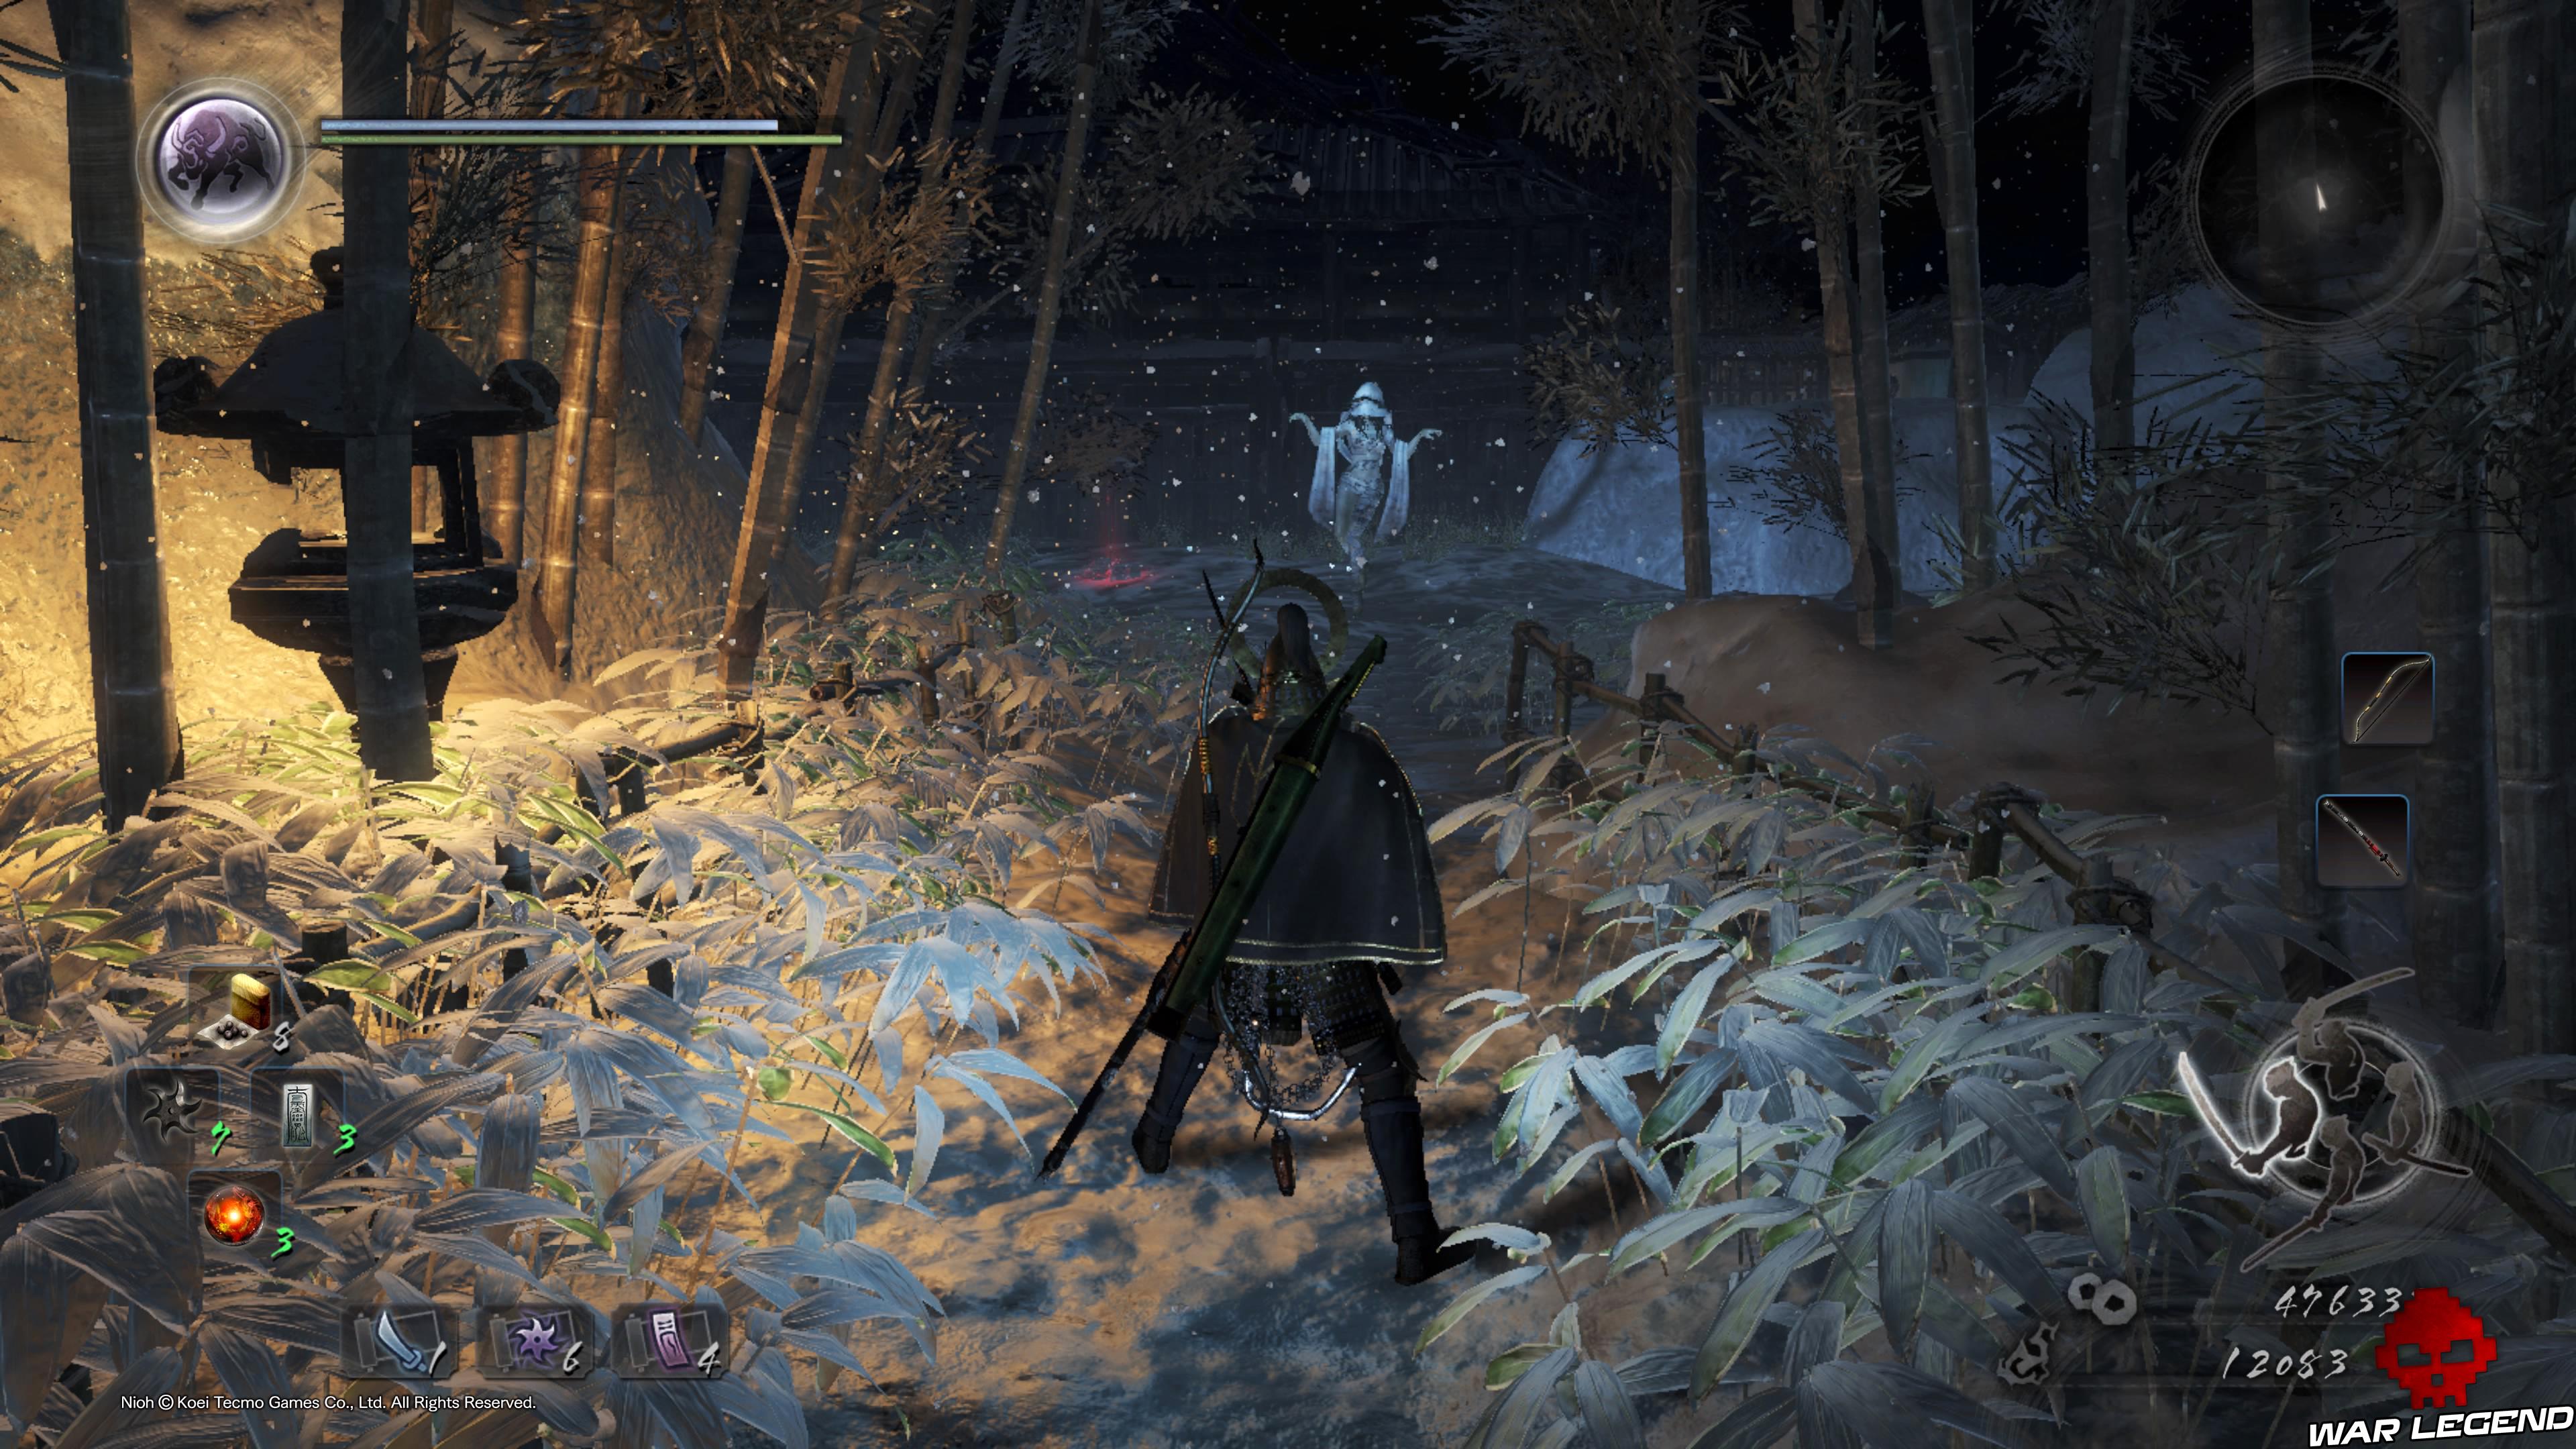 Soluce Nioh - Chute de neige: mission 8 monstre